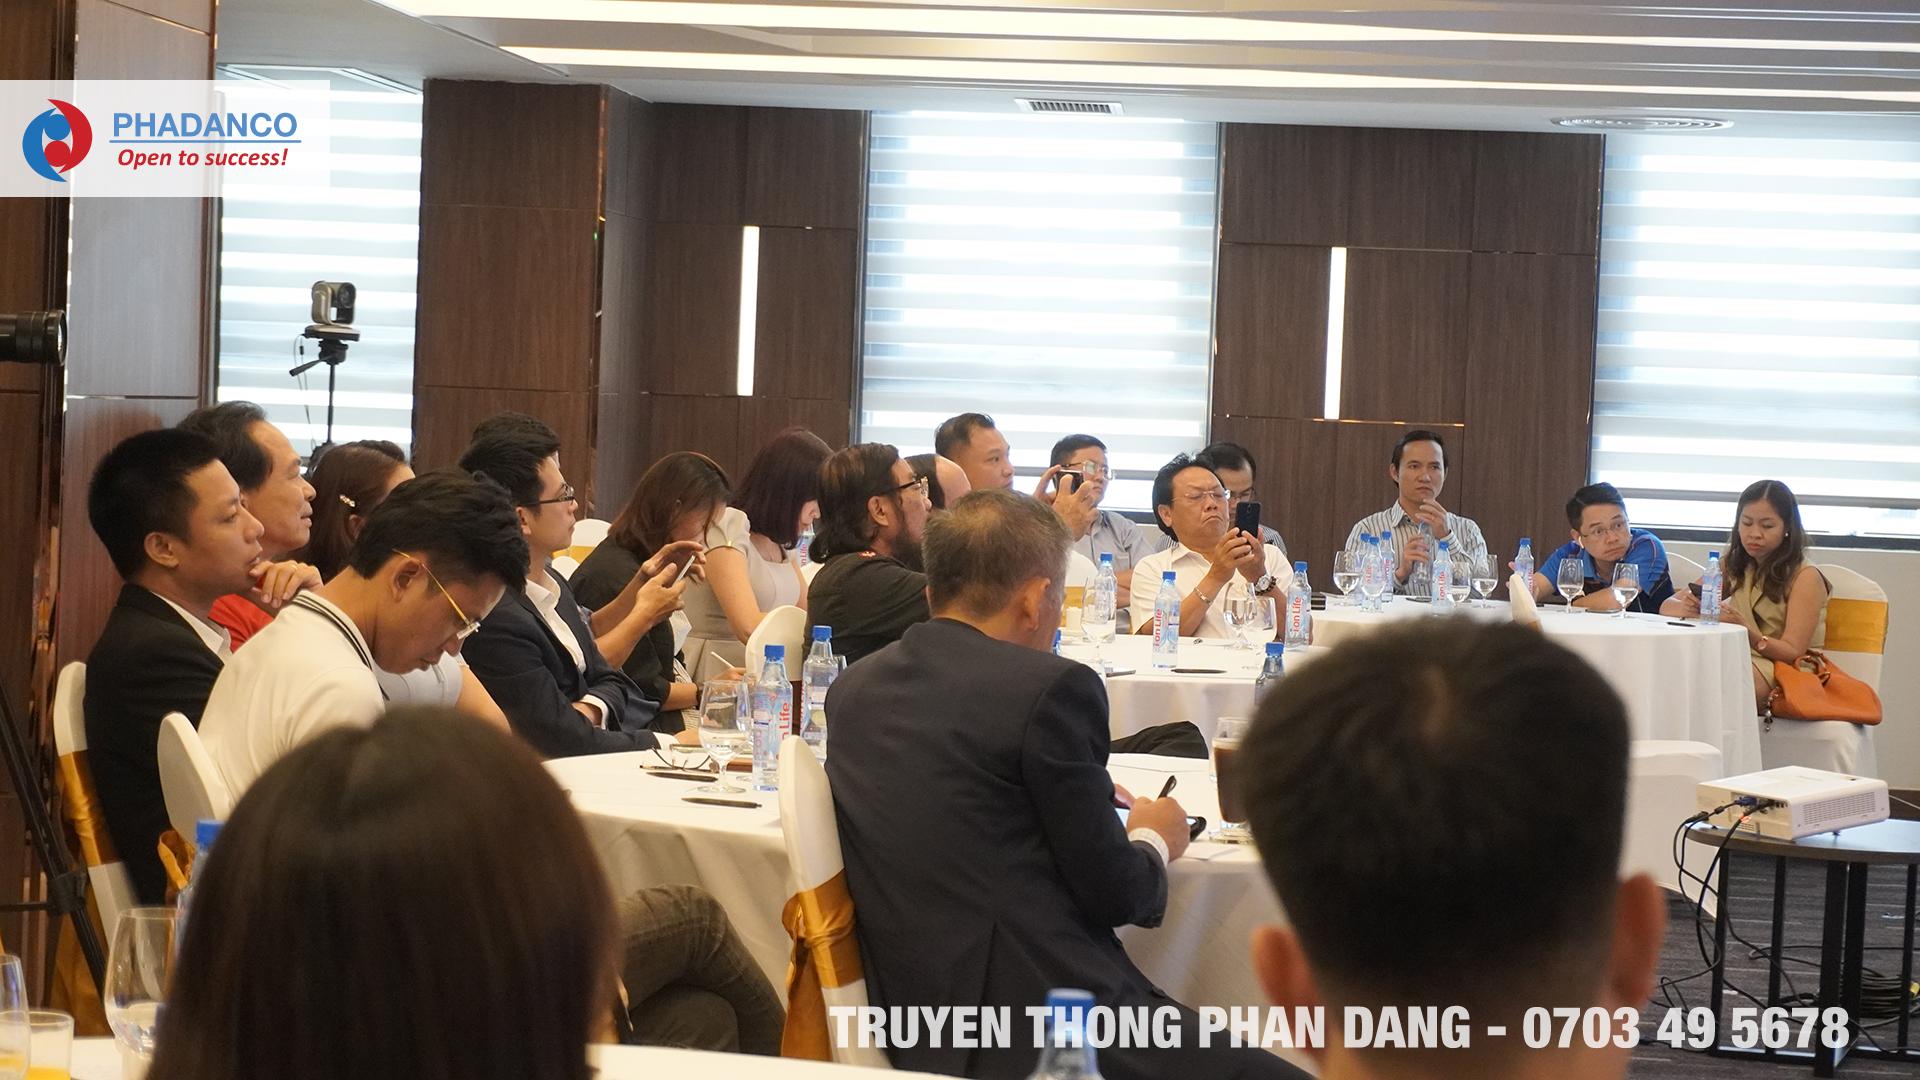 Phan Đăng tổ chức Tổ Chức Sự Kiện Tọa Đàm Kinh Tế với quy mô lớn tại TP.HCM